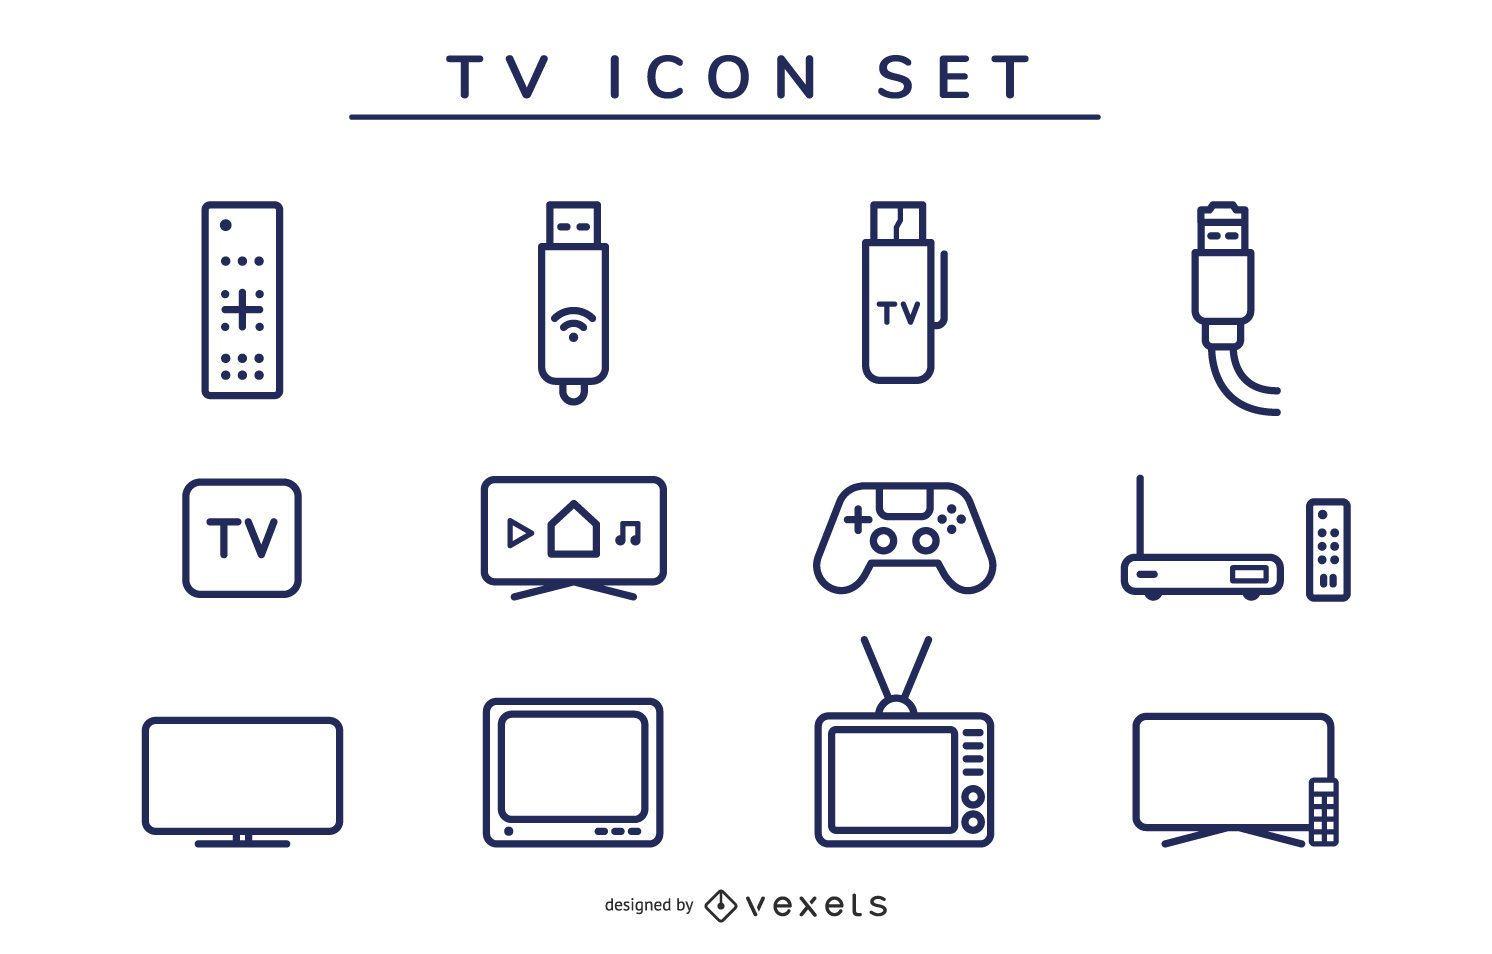 conjunto de trazos de icono de tv